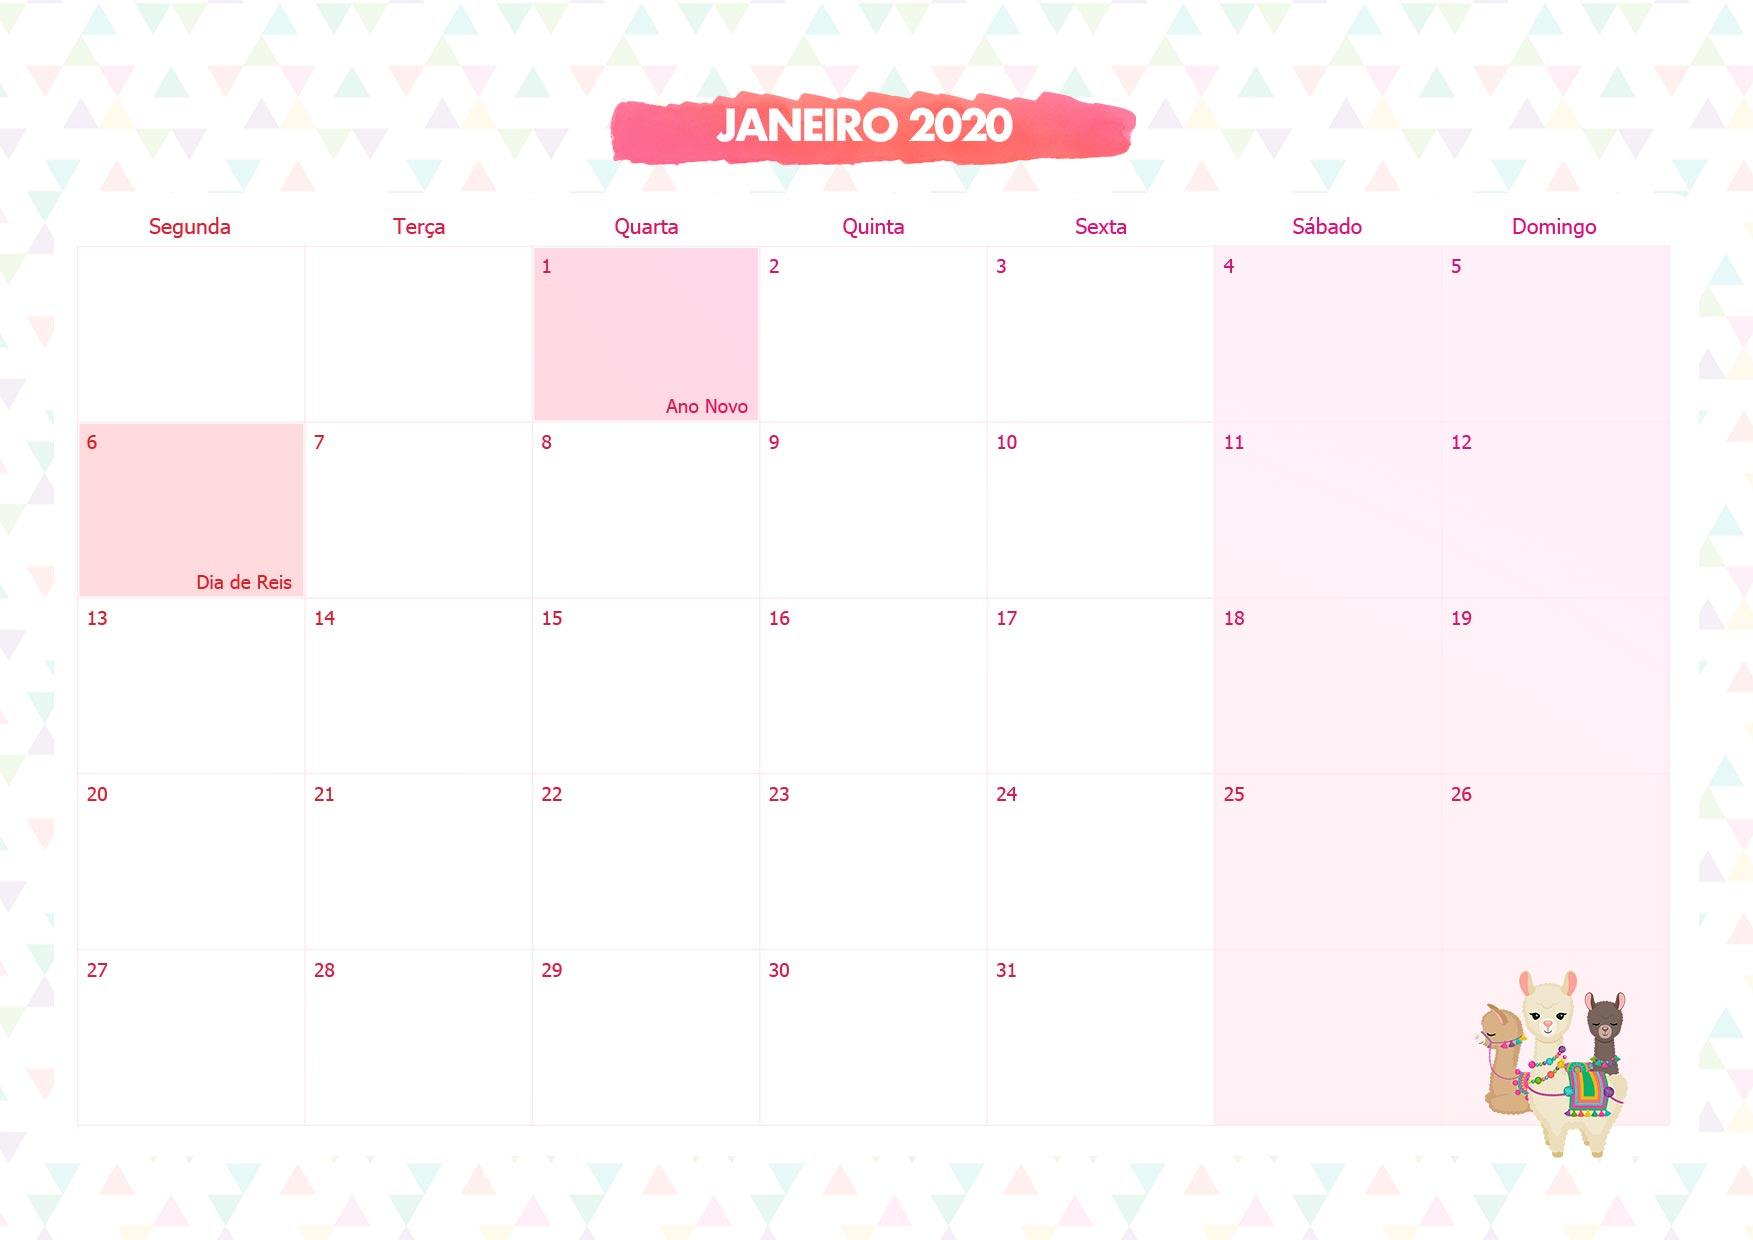 Calendario Mensal Lhama Rosa Janeiro 2020